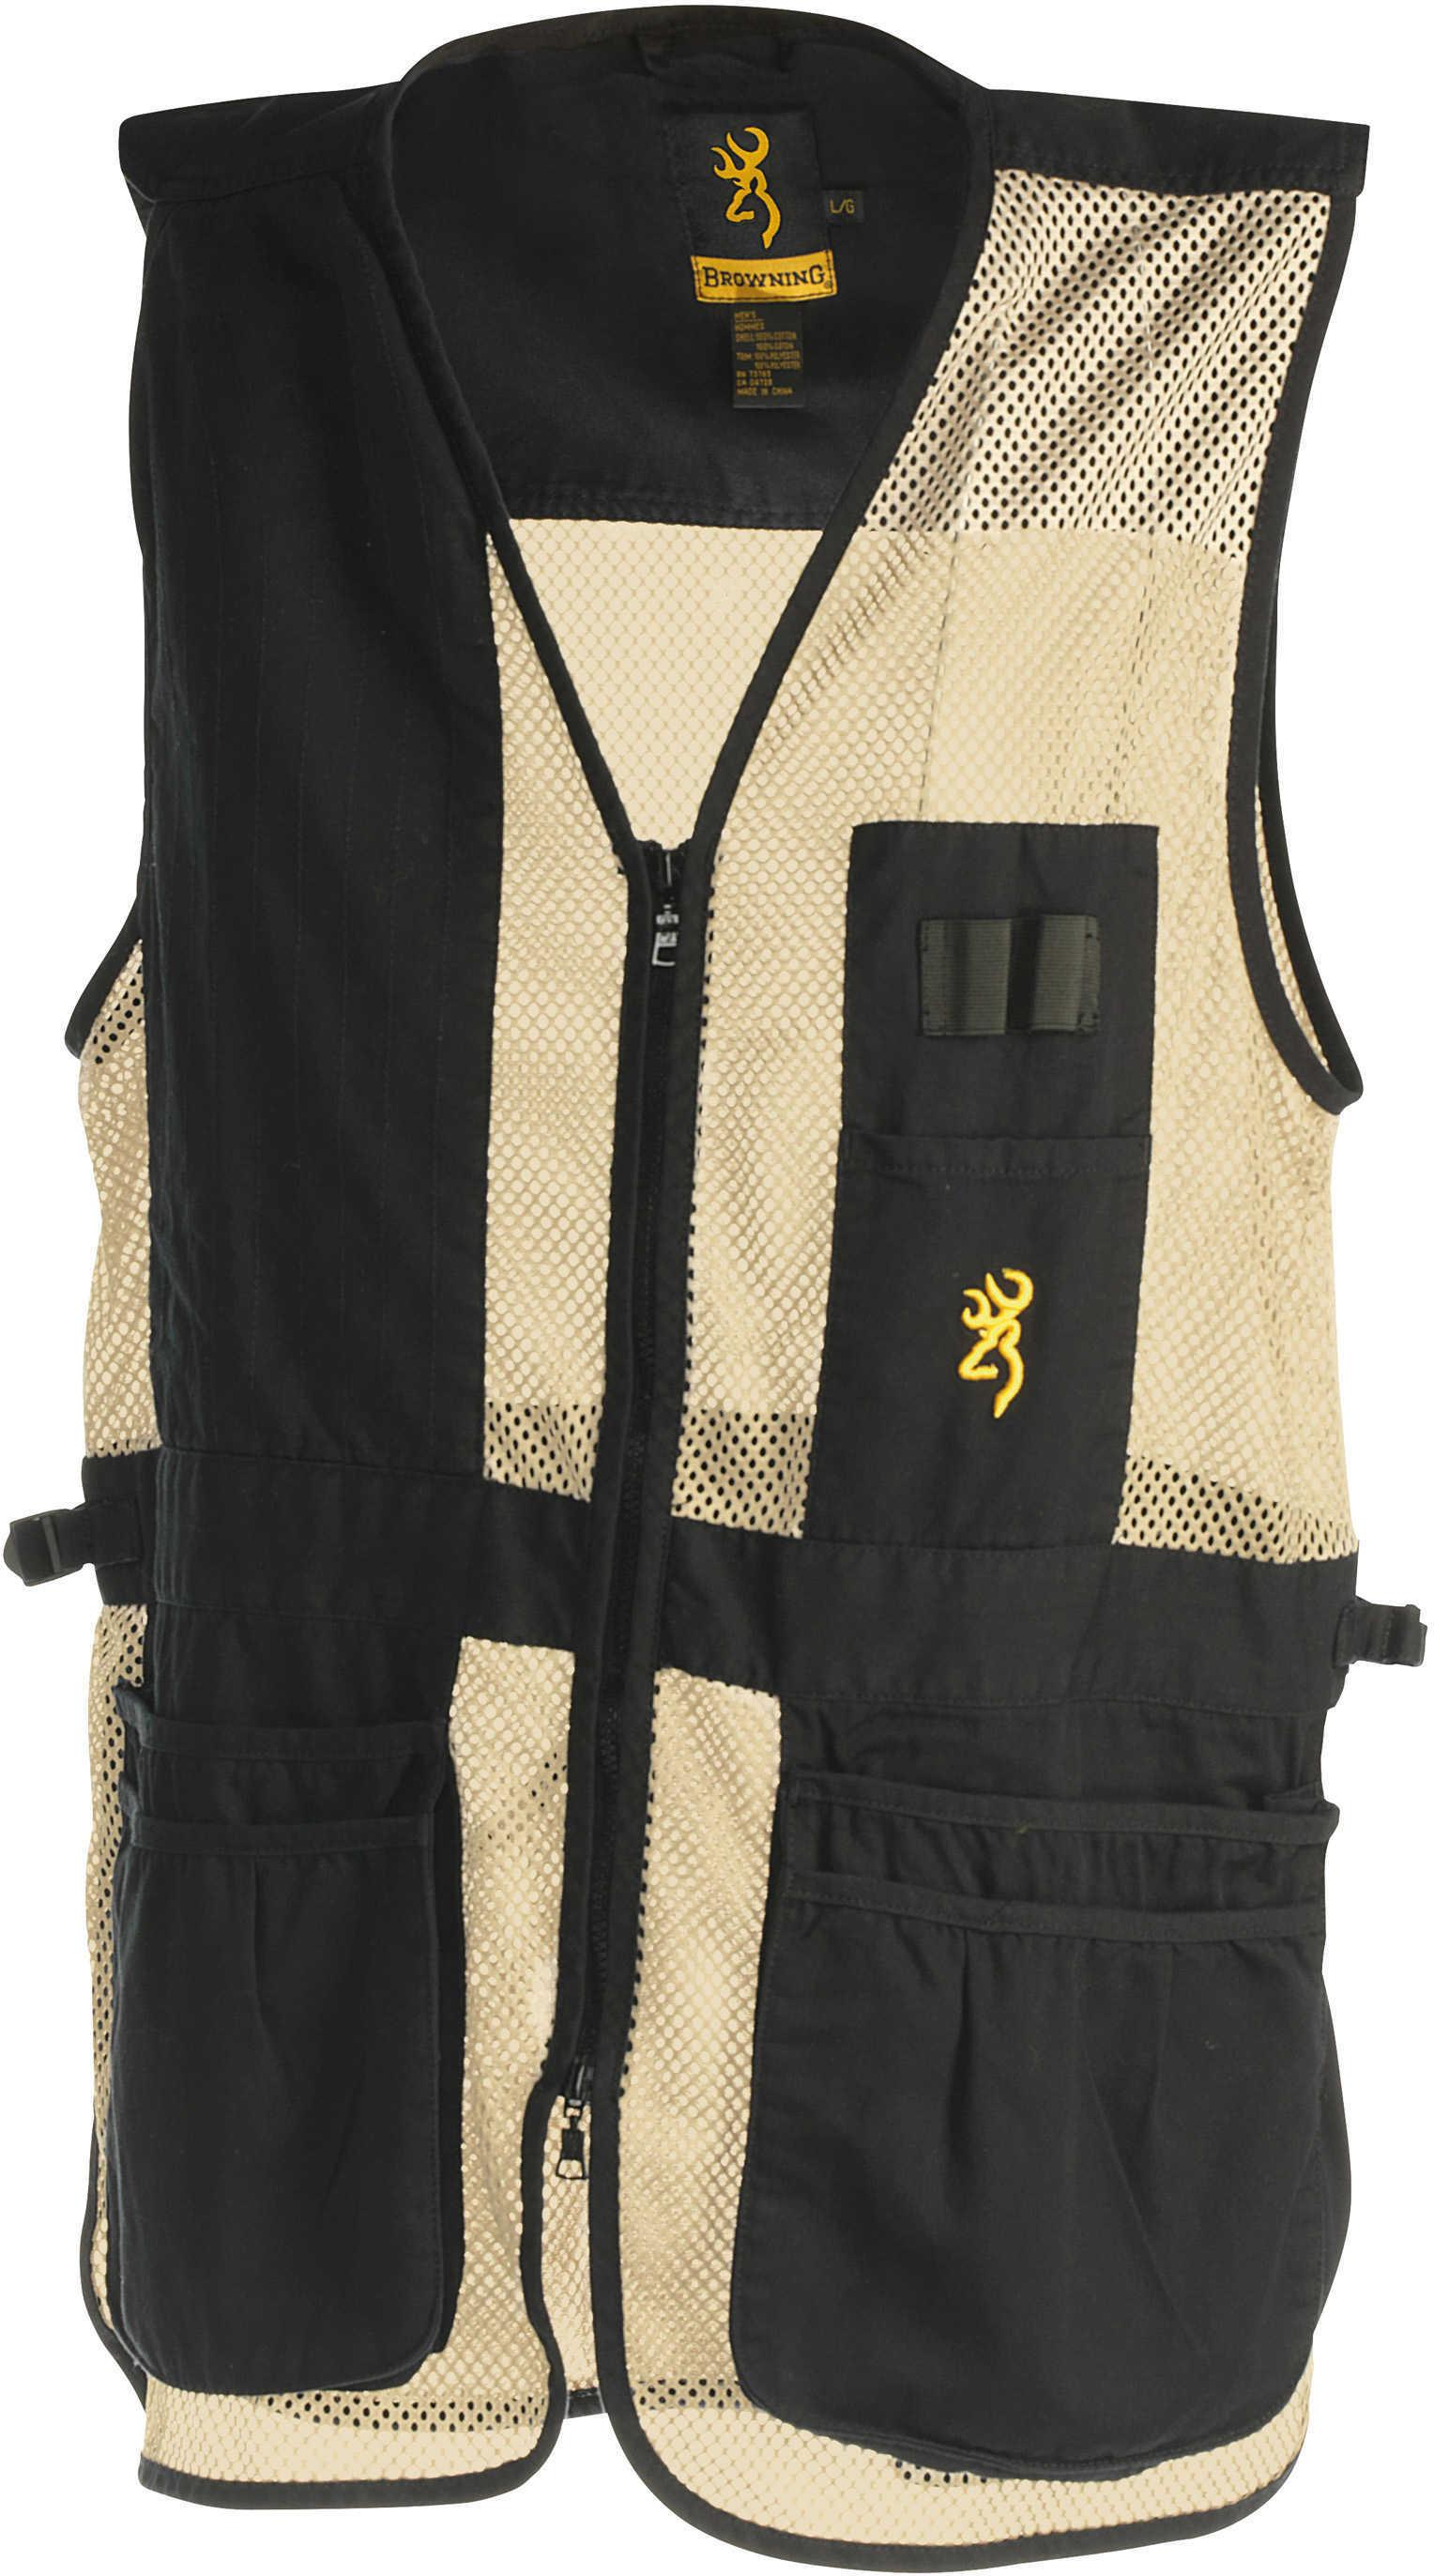 Browning Trapper Creek Vest Black/Tan Medium Md: 3050268902